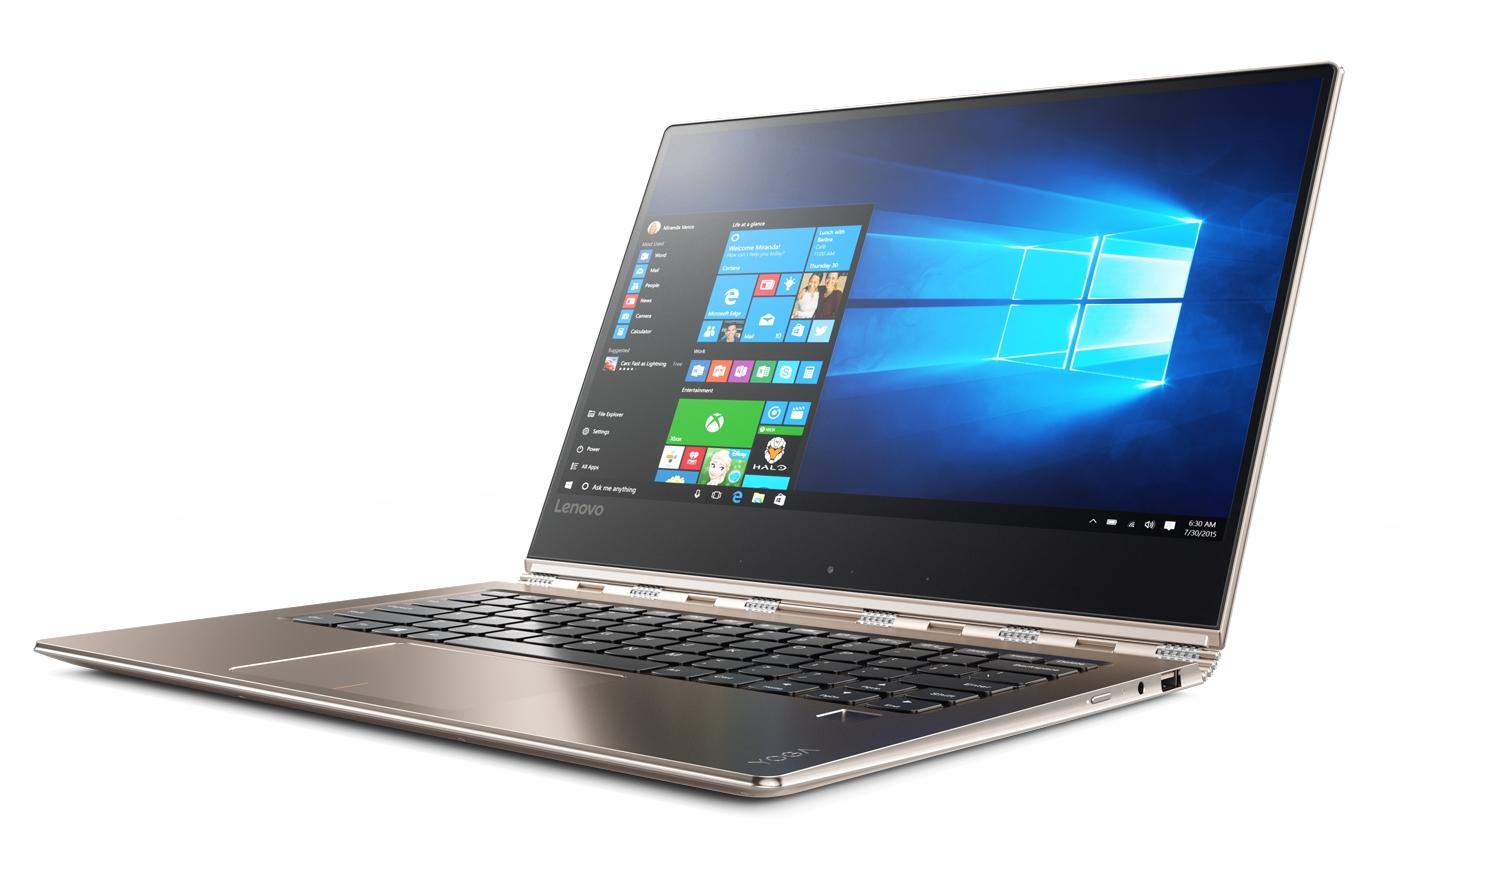 ordinateur portable derniere generation